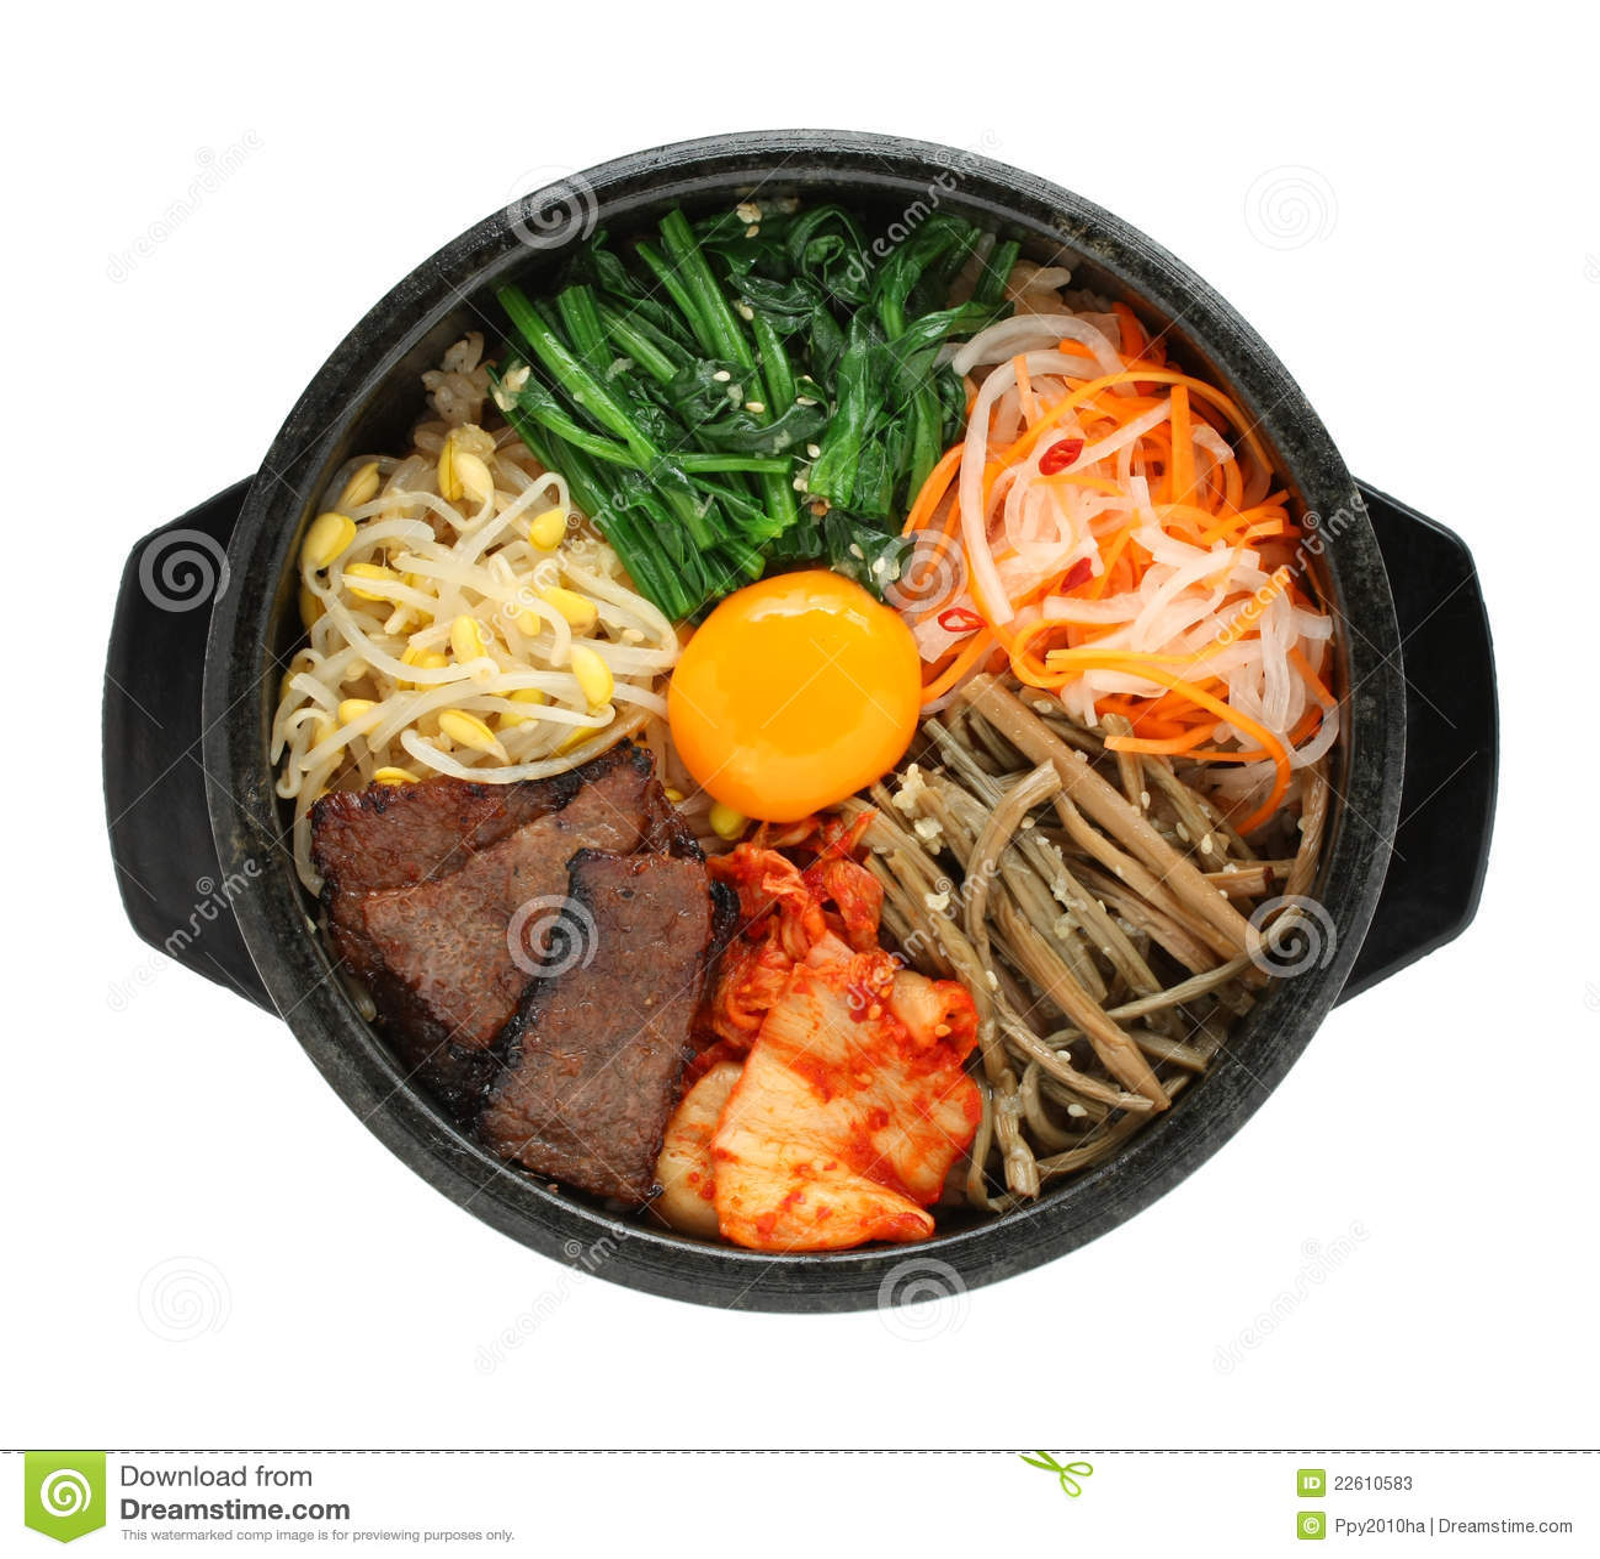 Bibimbap cucina coreana fotografie stock immagine 22610583 for Cucina coreana